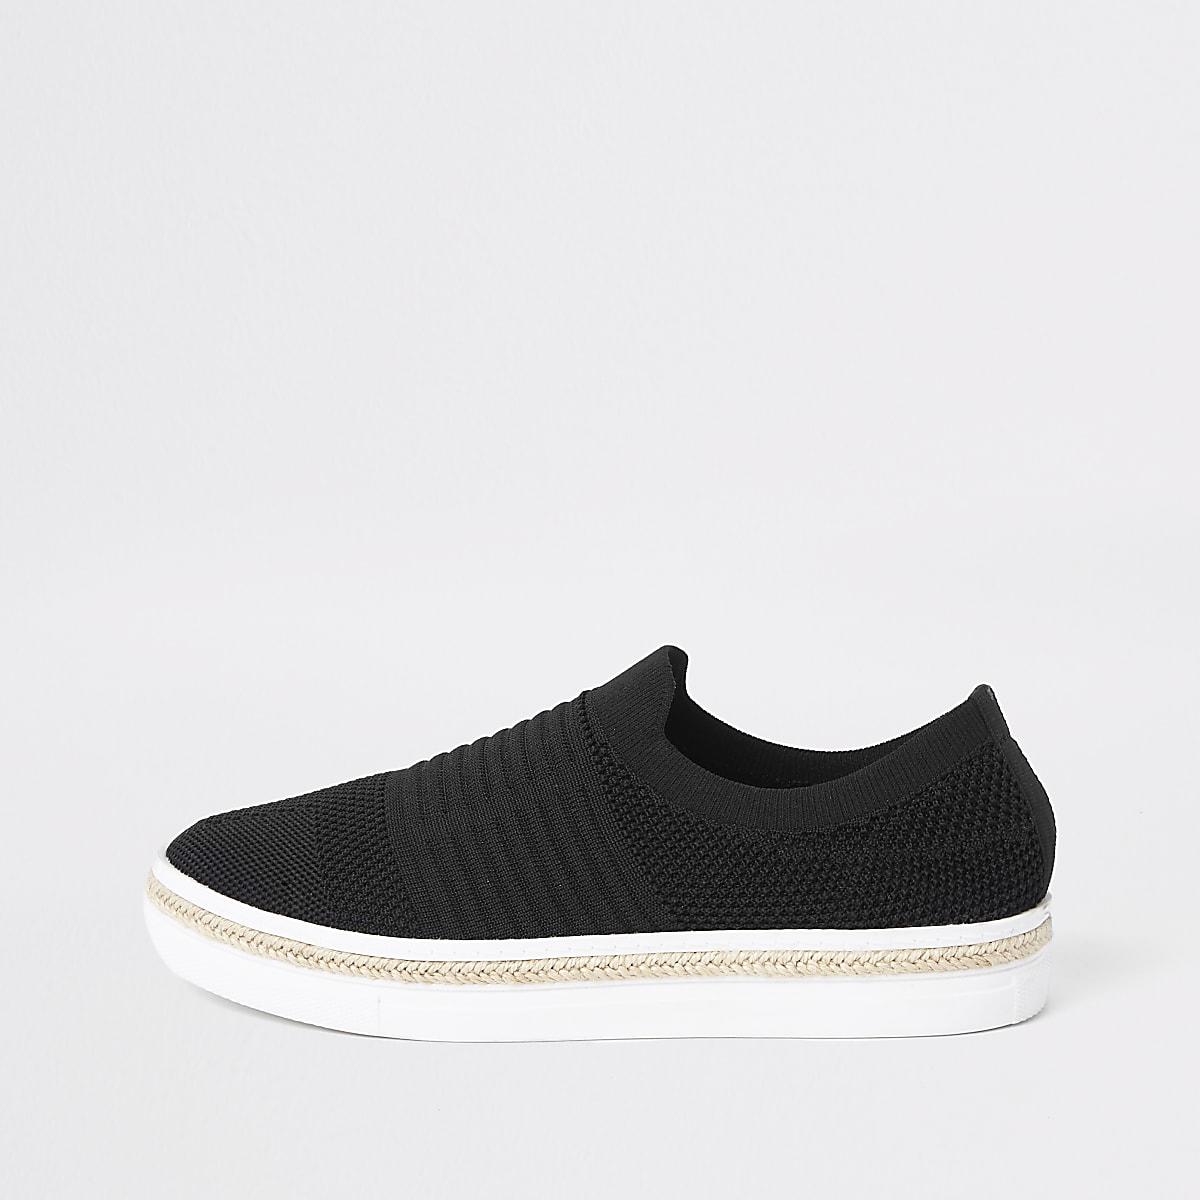 fde159b8d7f Home · Dames · Schoenen en laarzen; Zwarte gebreide espadrillesneakers. Zwarte  gebreide espadrillesneakers Zwarte gebreide espadrillesneakers ...